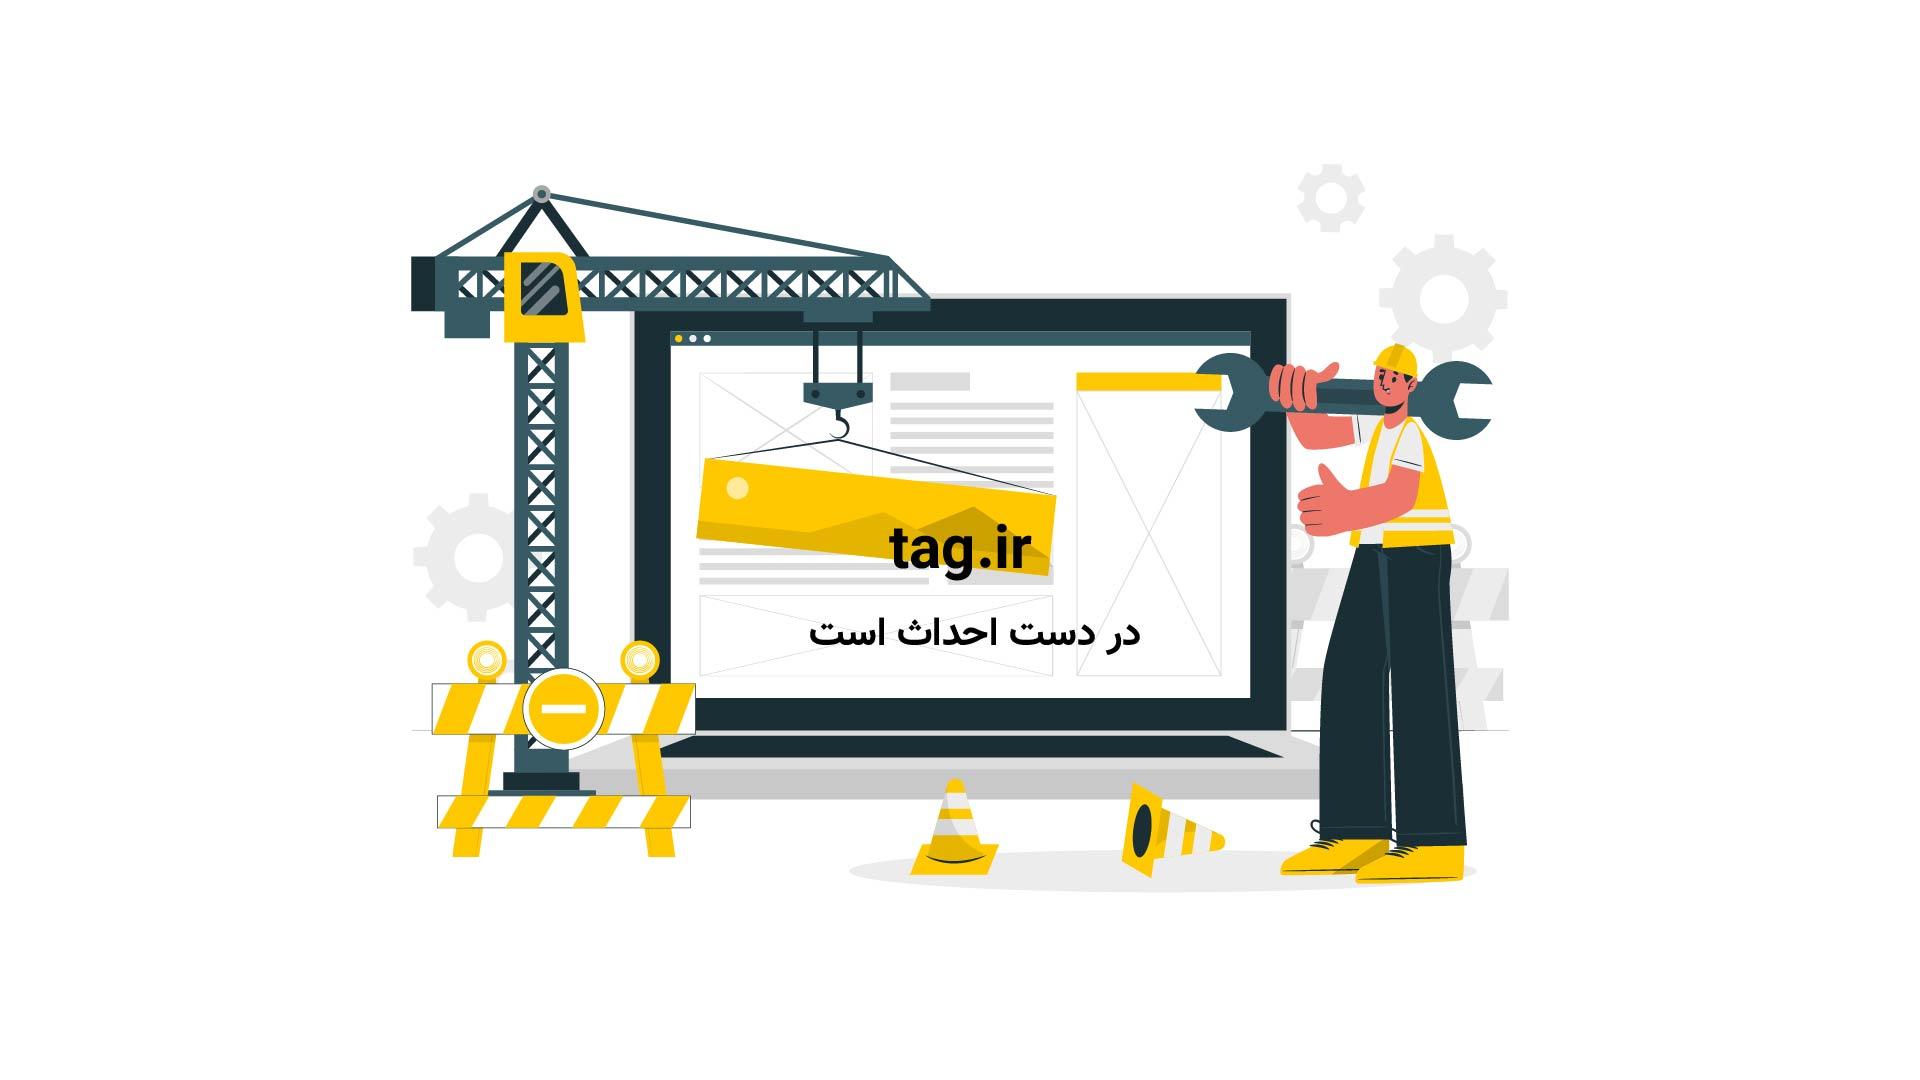 تعقیب و گریز عقاب و خرگوش|تگ